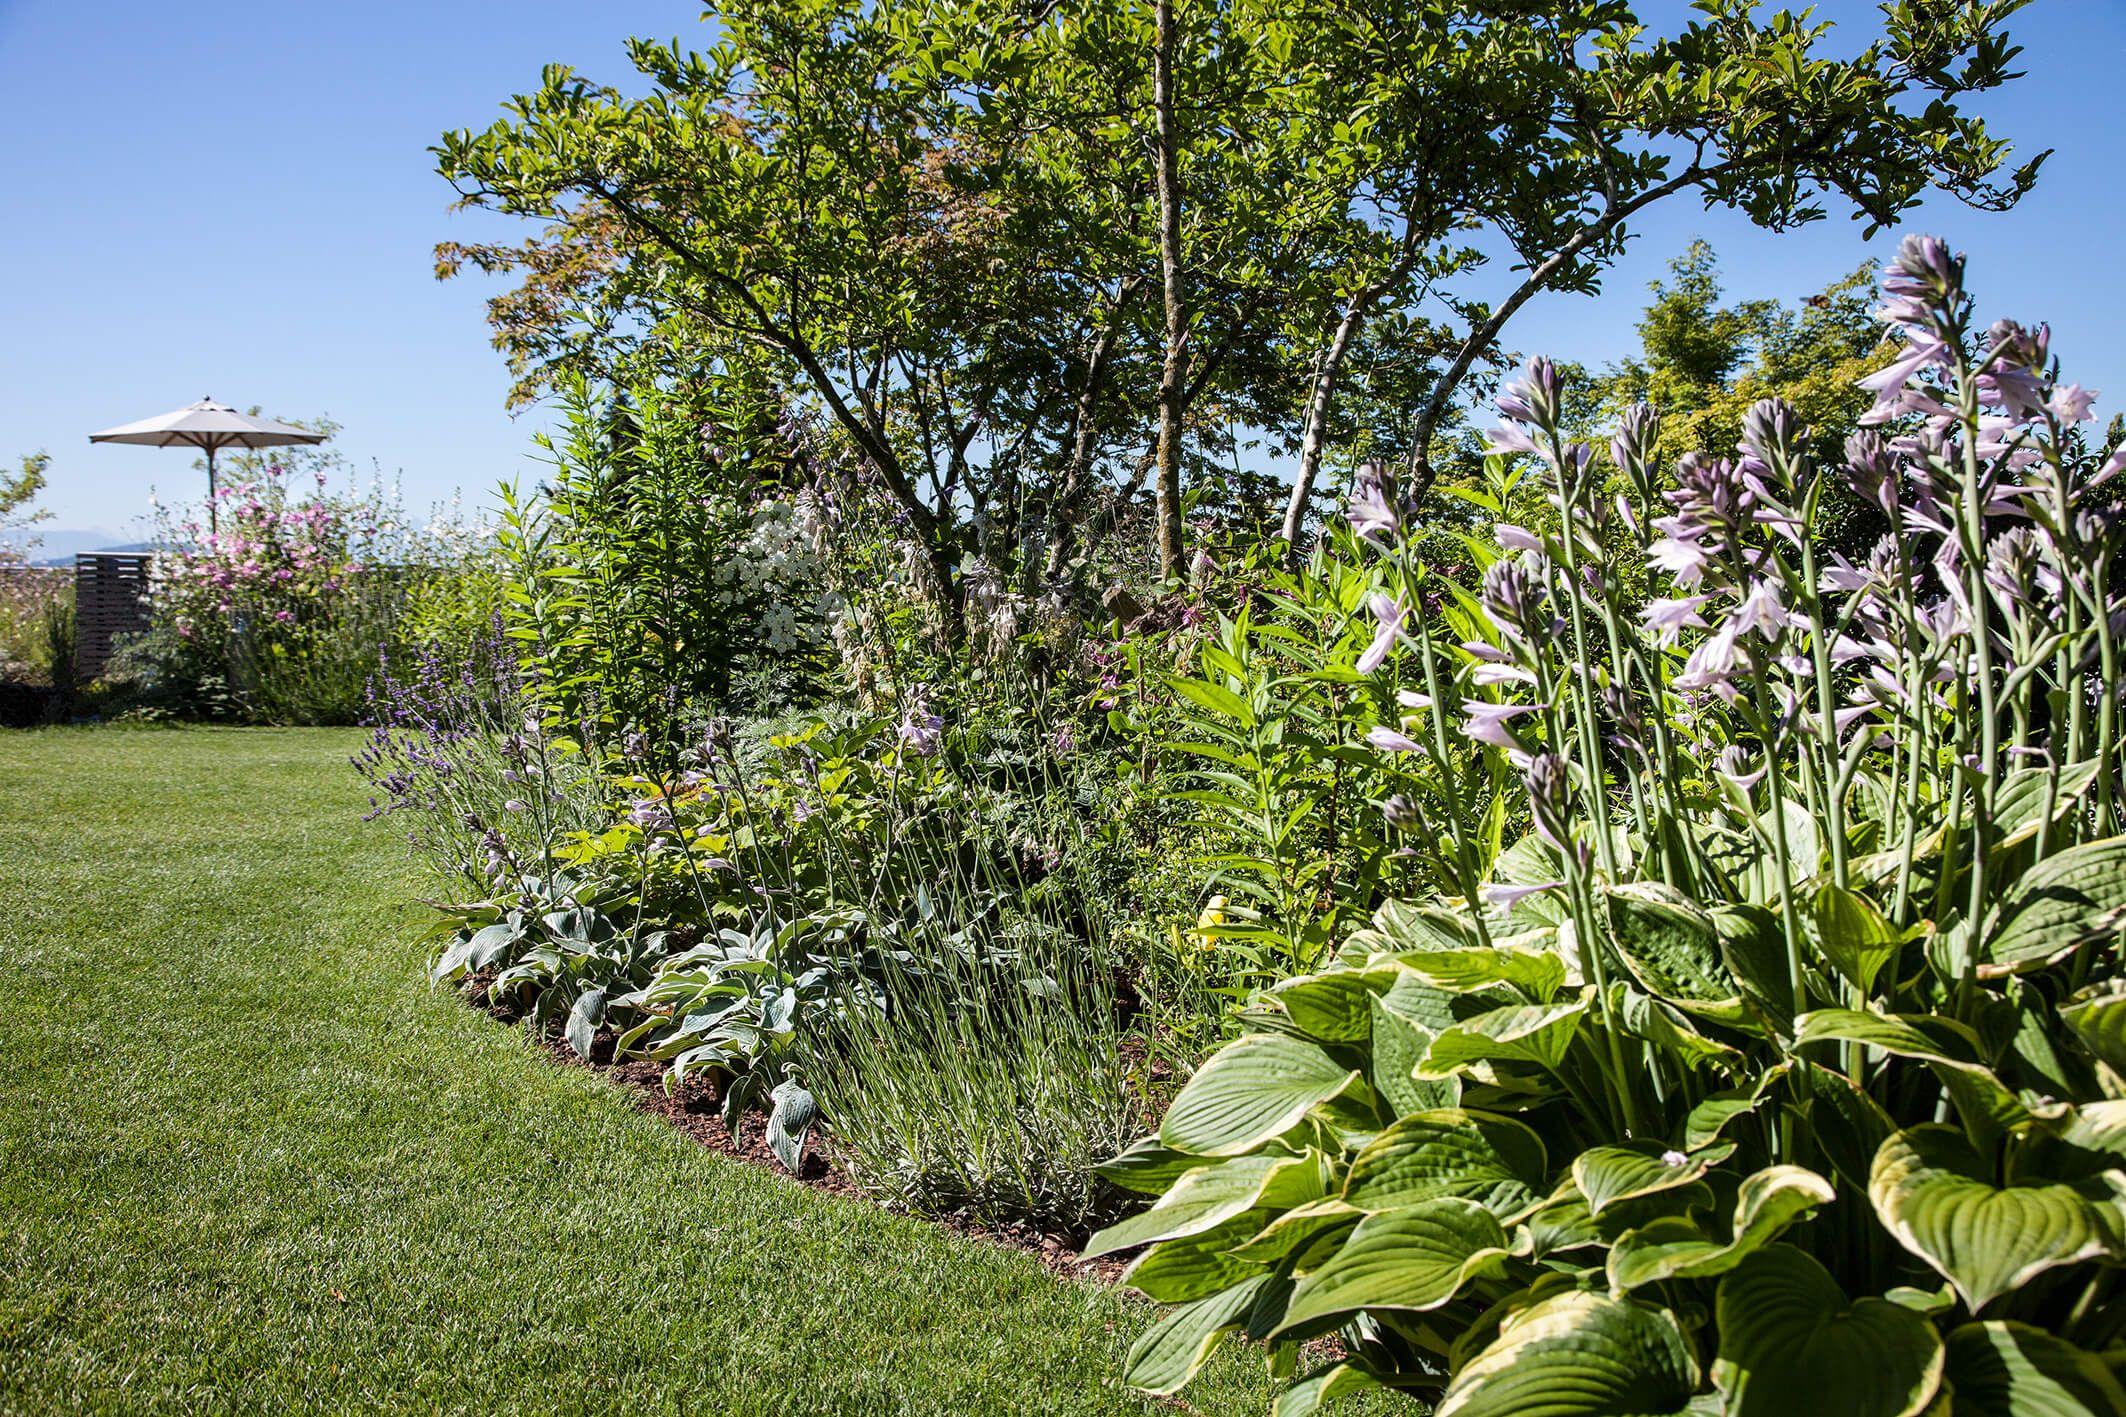 Hosta Funkie Grosszugige Gartenanlage Mit Schwimmteich Gartengestaltung Gartengestaltung Schwimmteich Gartenanlage